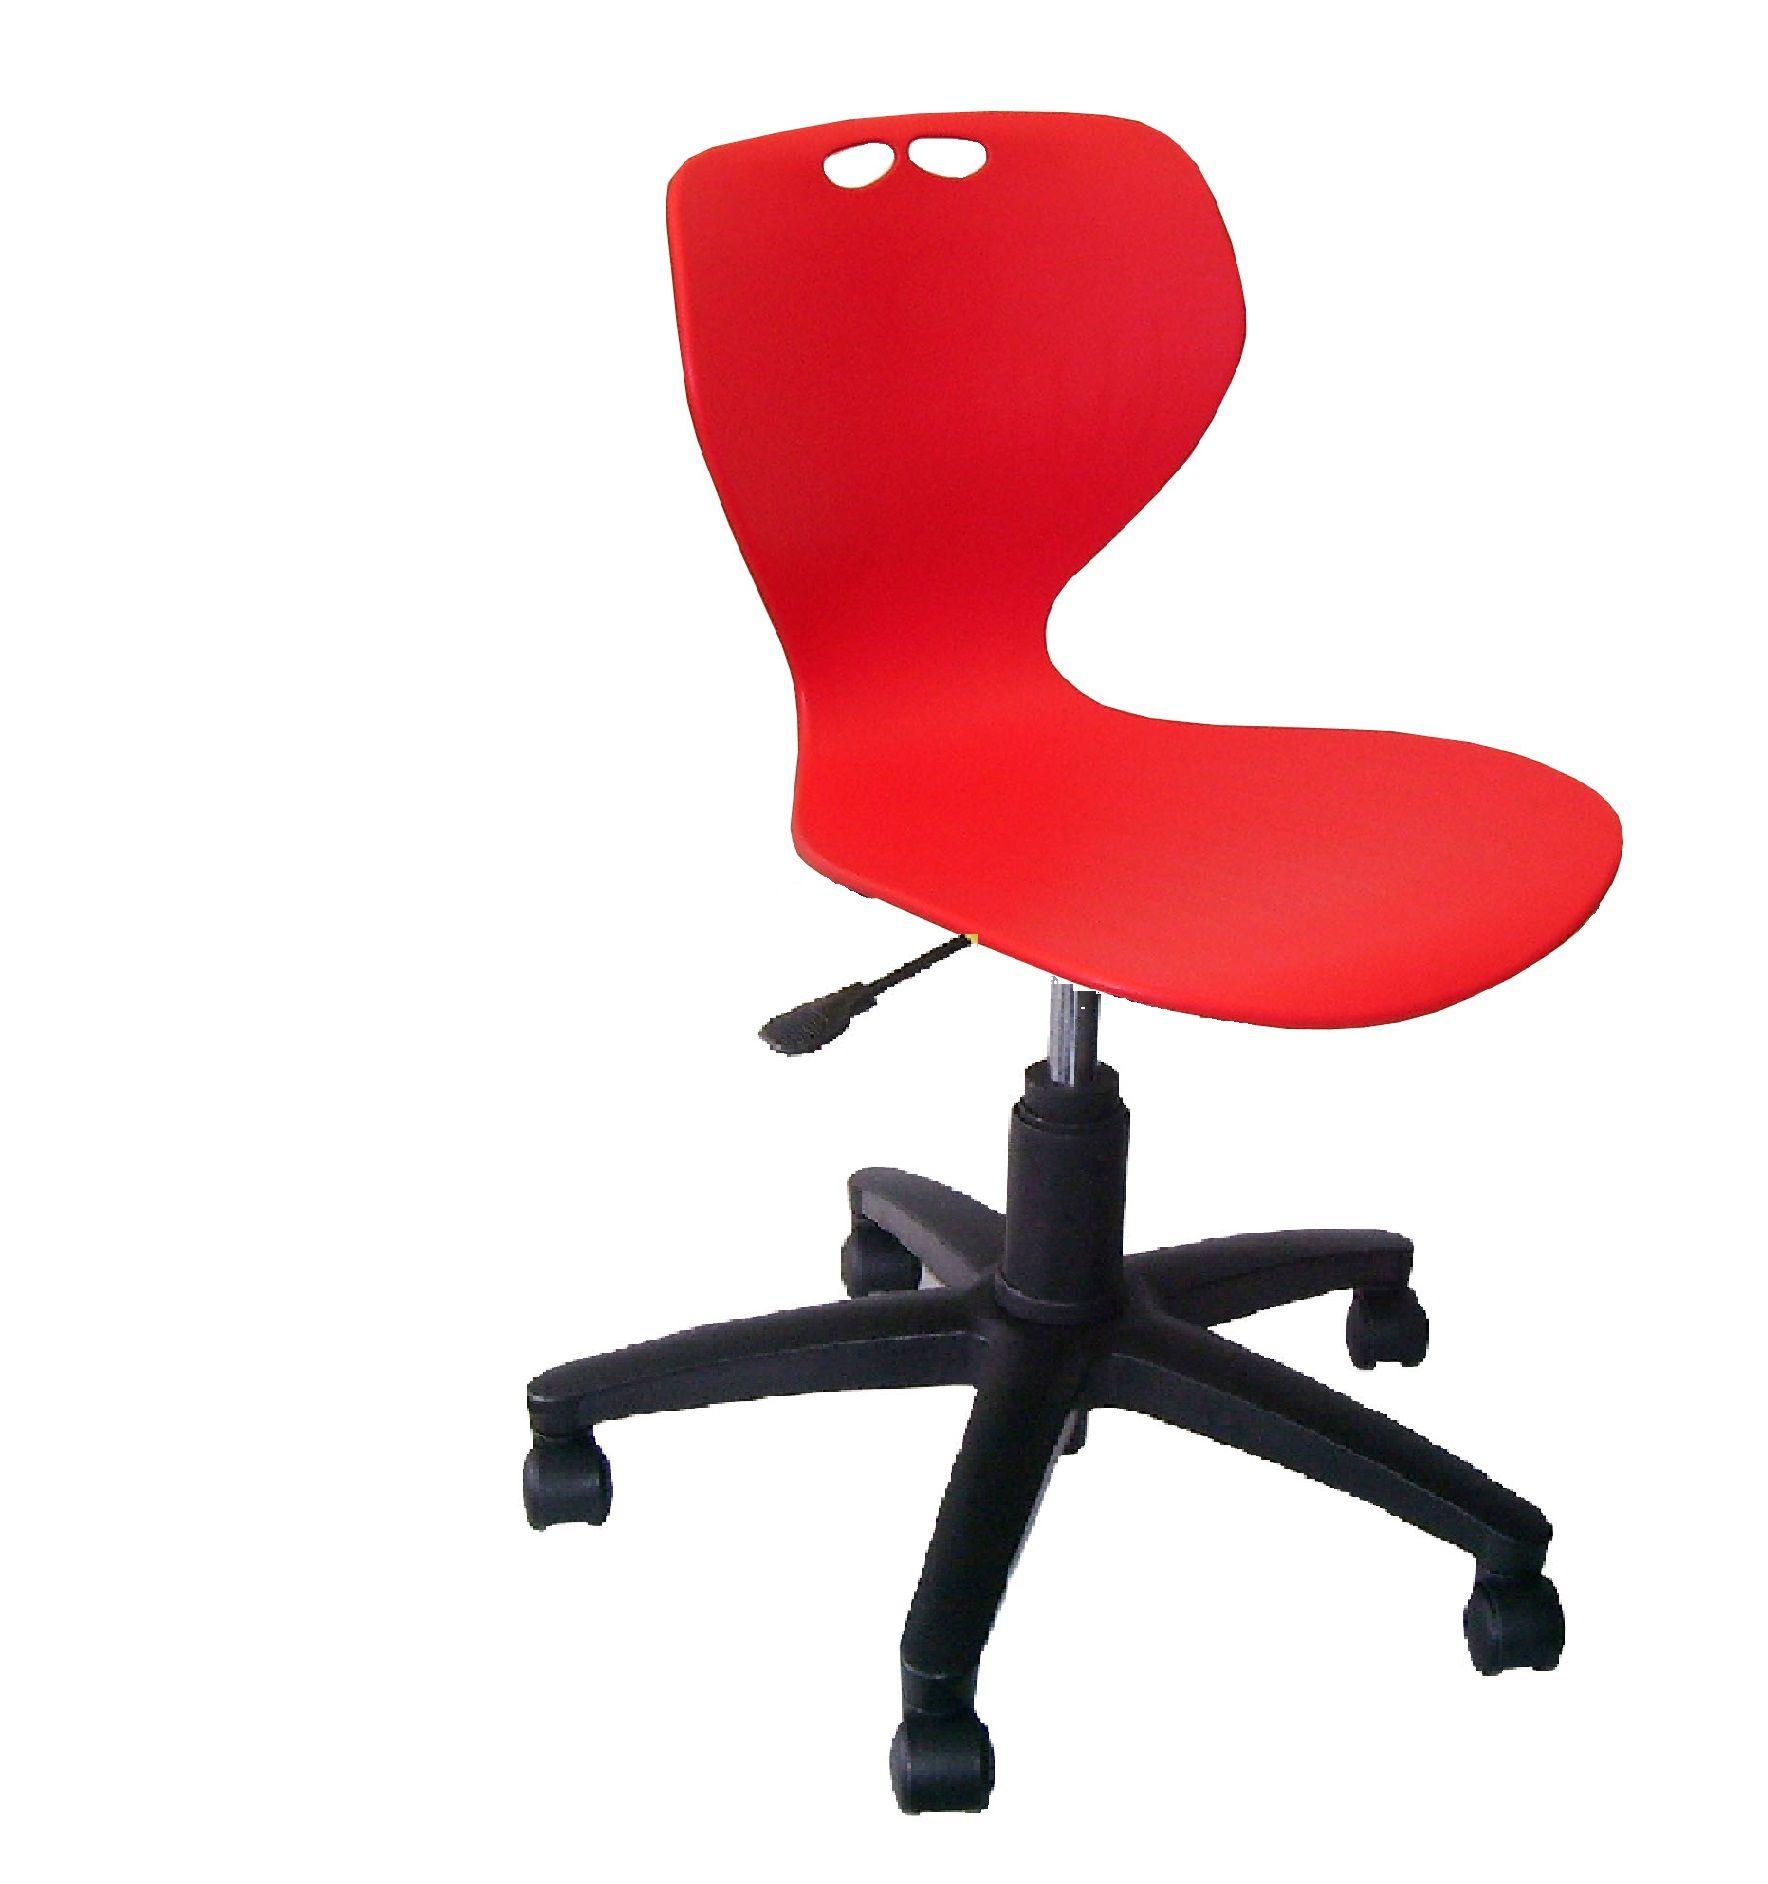 Silla para escritorio finest tectake silla de escritorio for Silla escritorio ergonomica